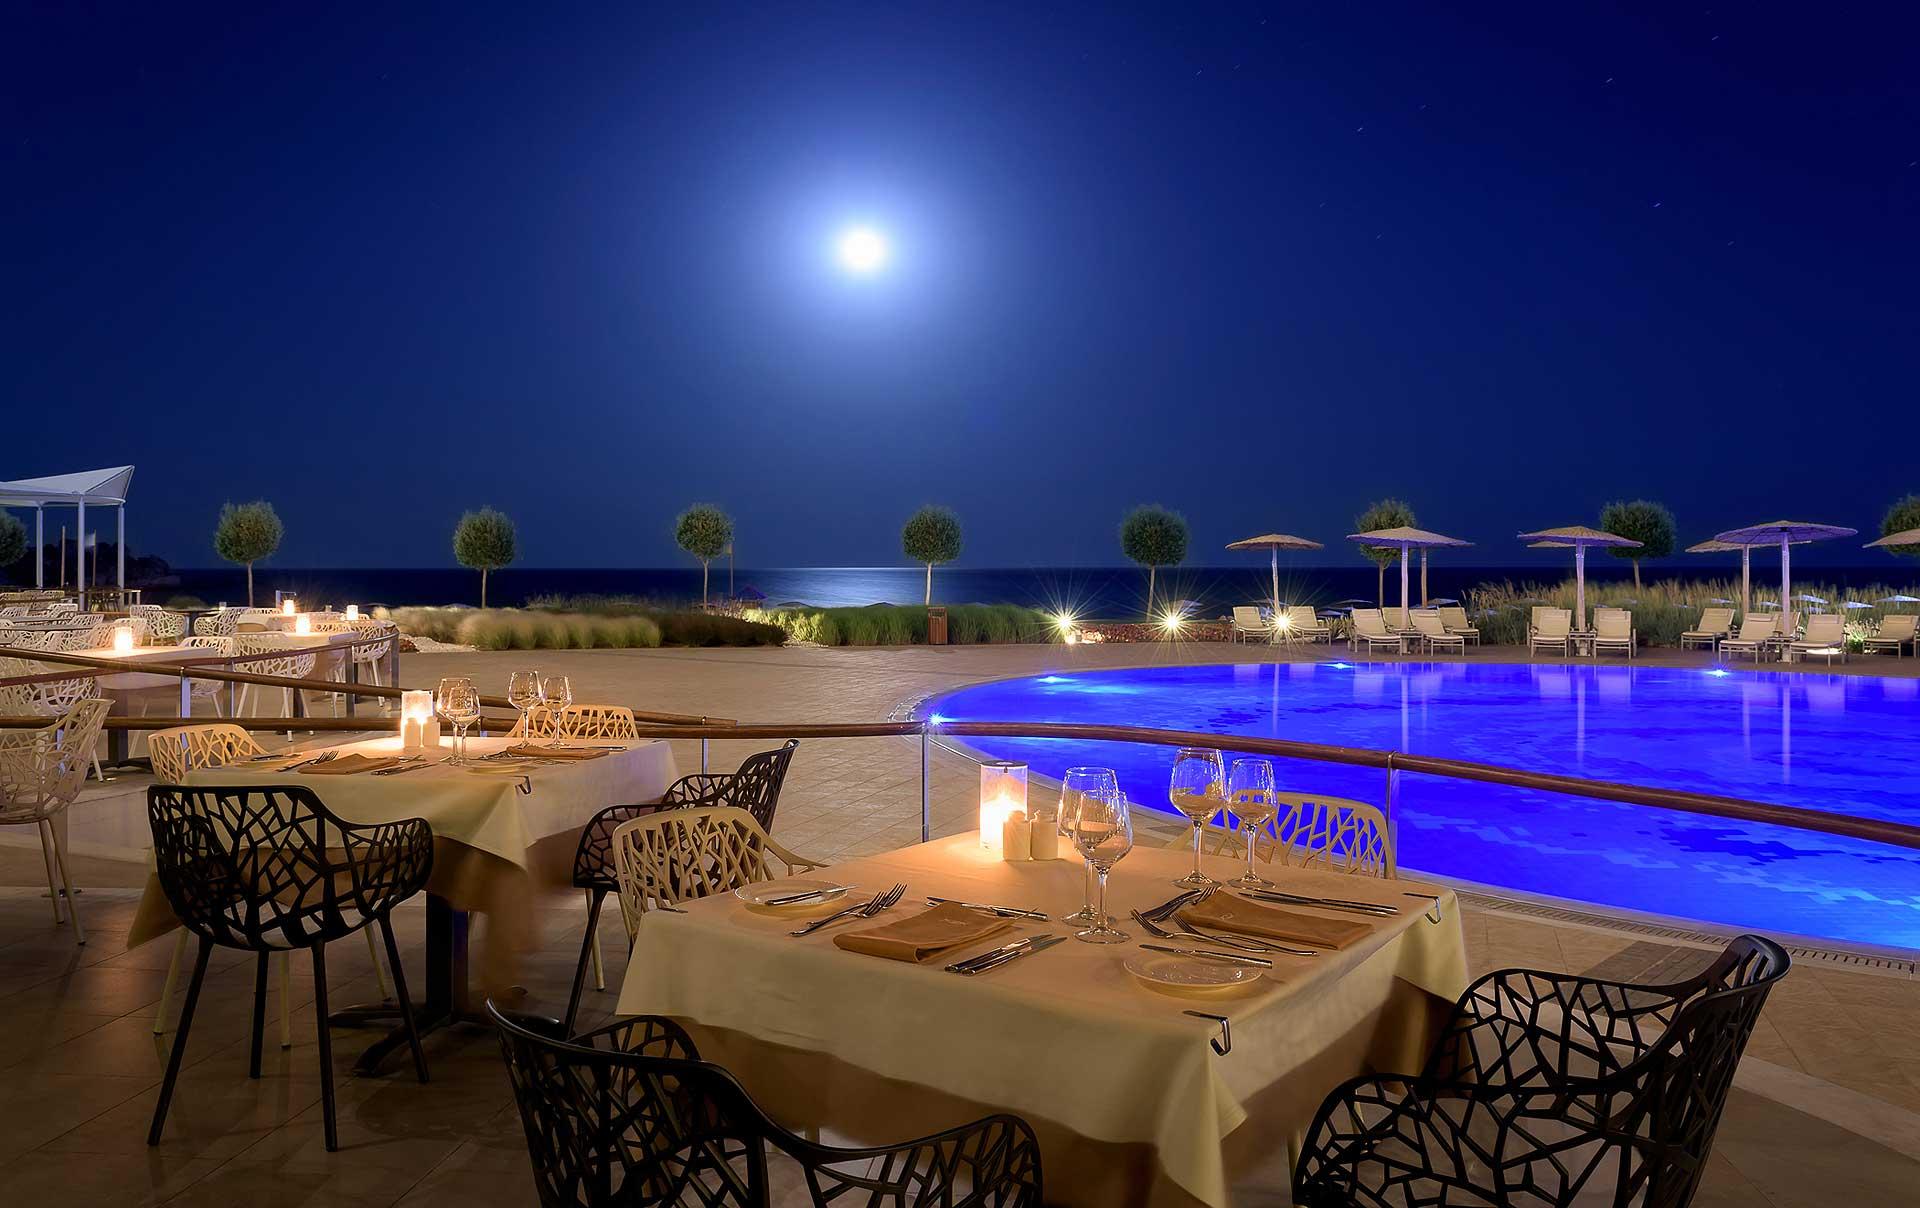 Emerald_Restaurant_ELYSIUM_RHODEScarousel